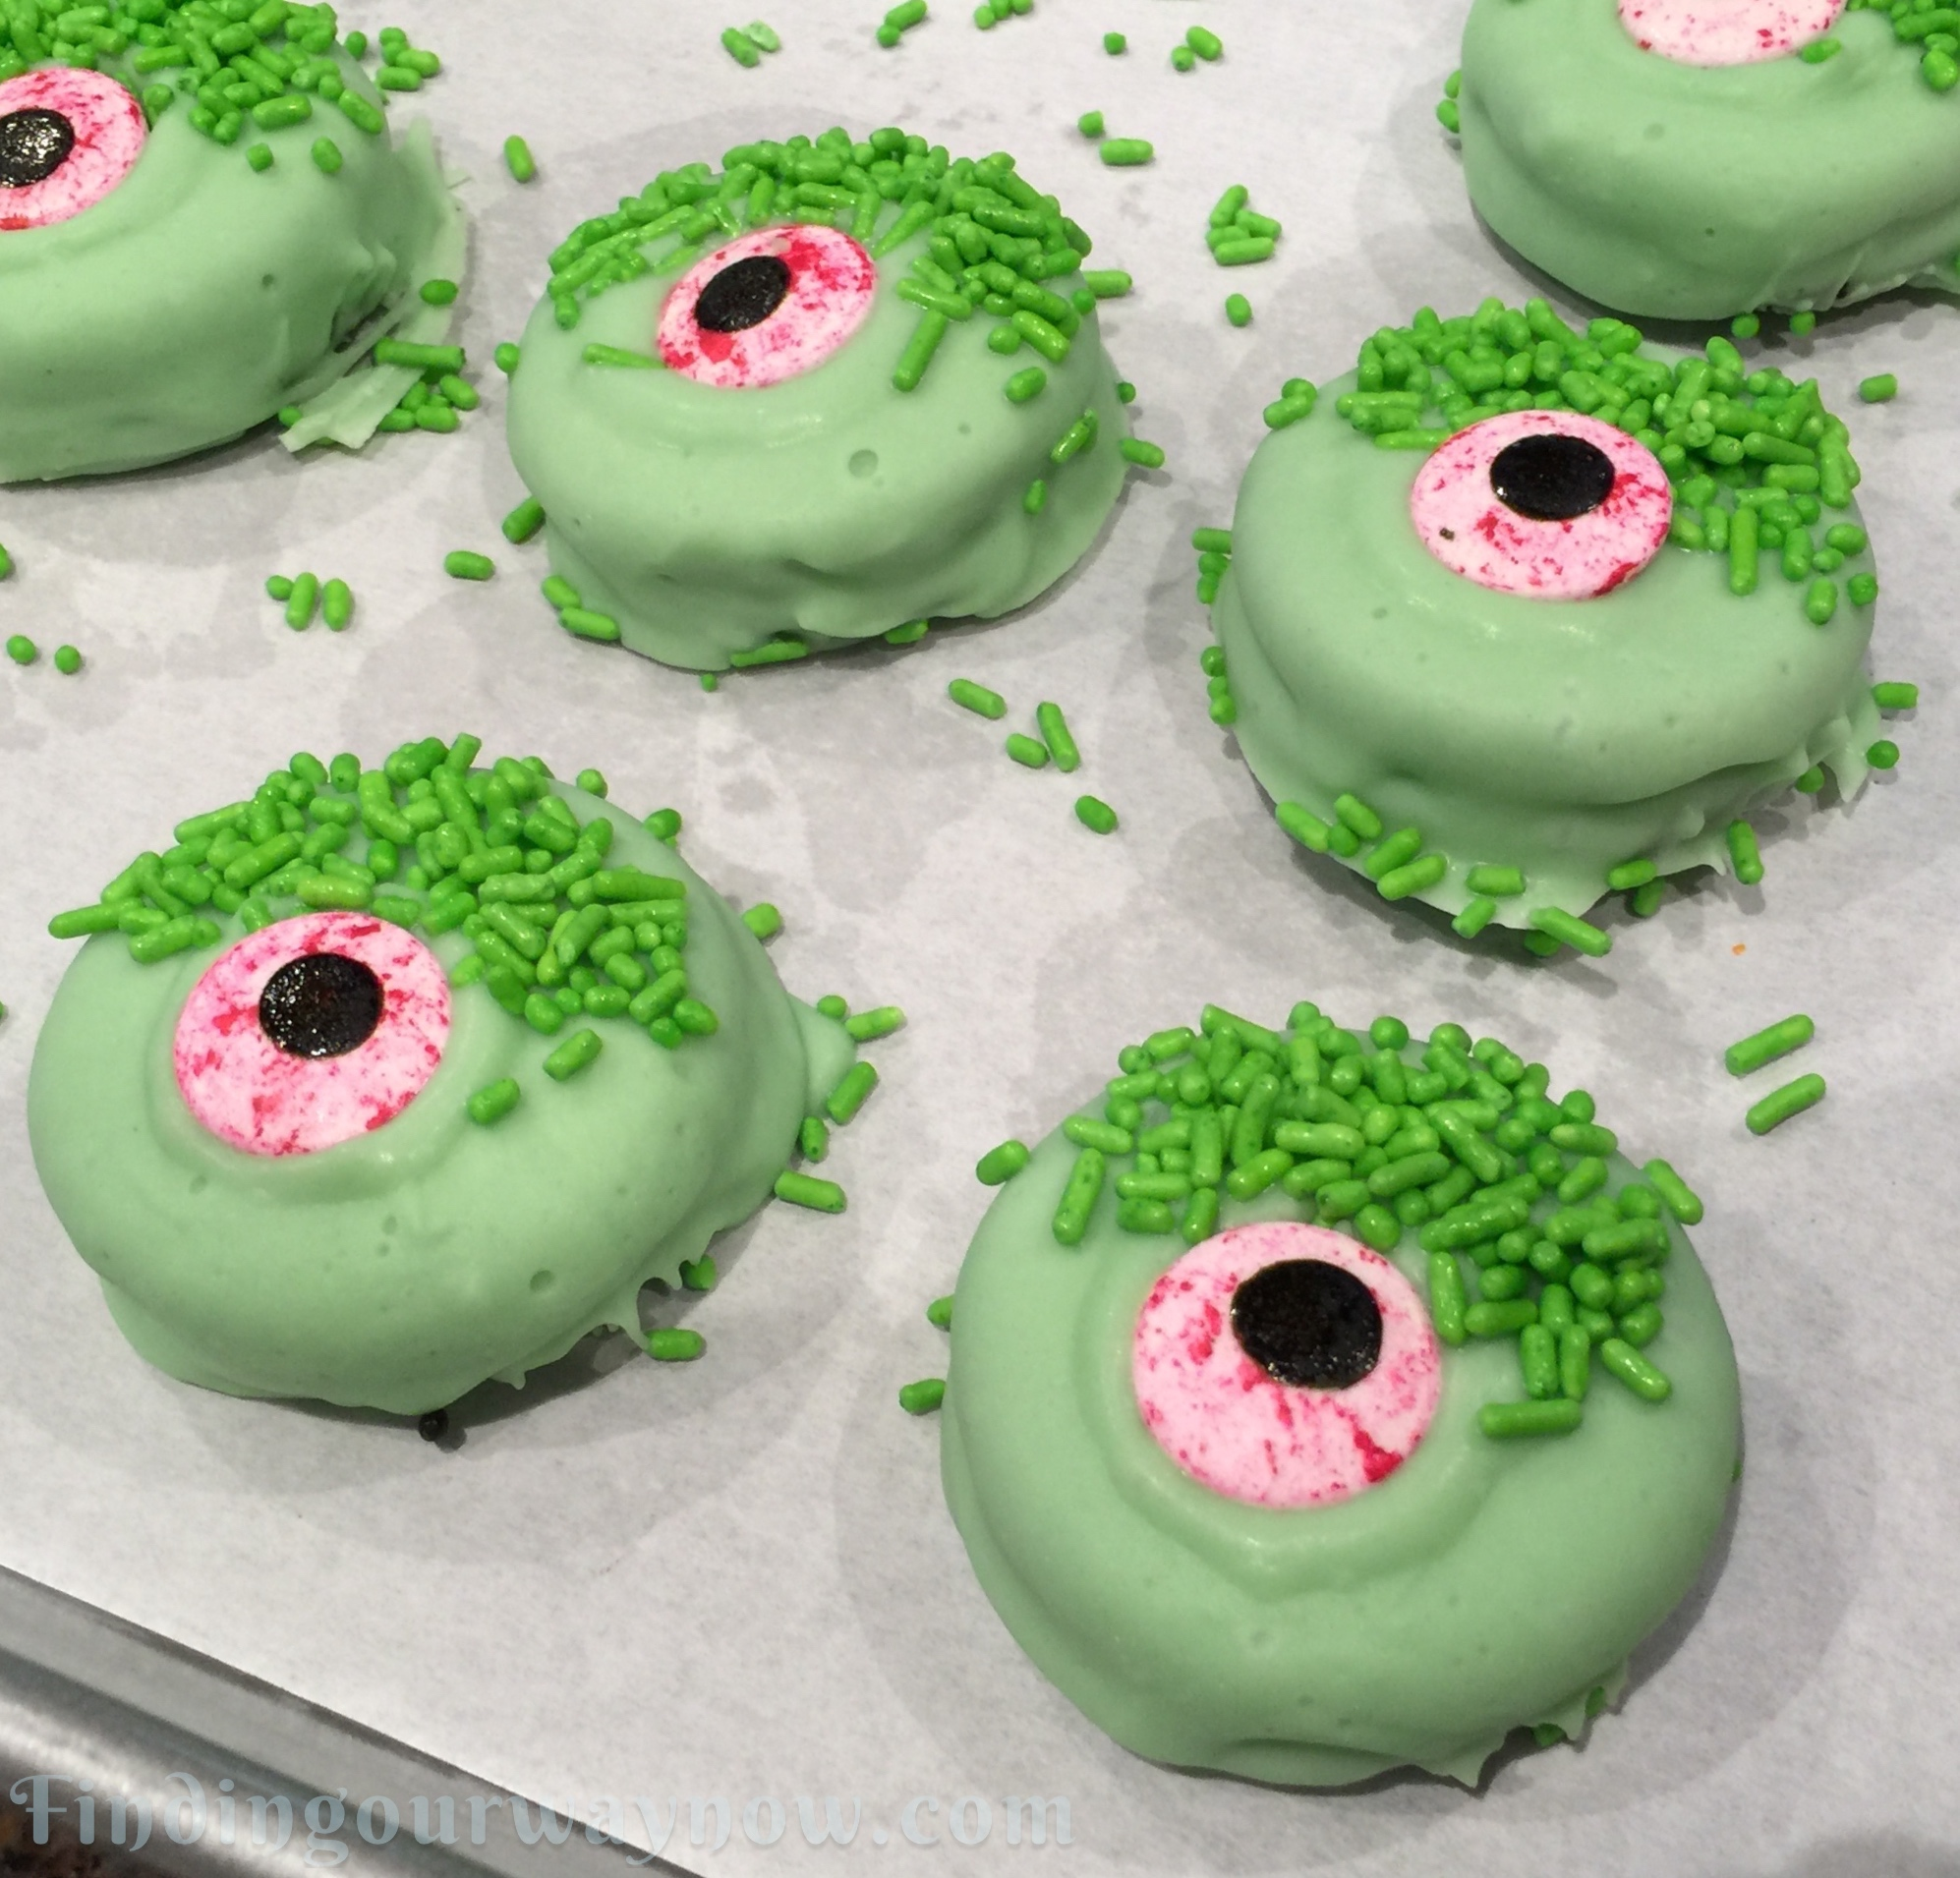 http://findingourwaynow.com/wp-content/uploads/2015/10/Quick-Halloween-Treats-Monster-Cookies.jpg